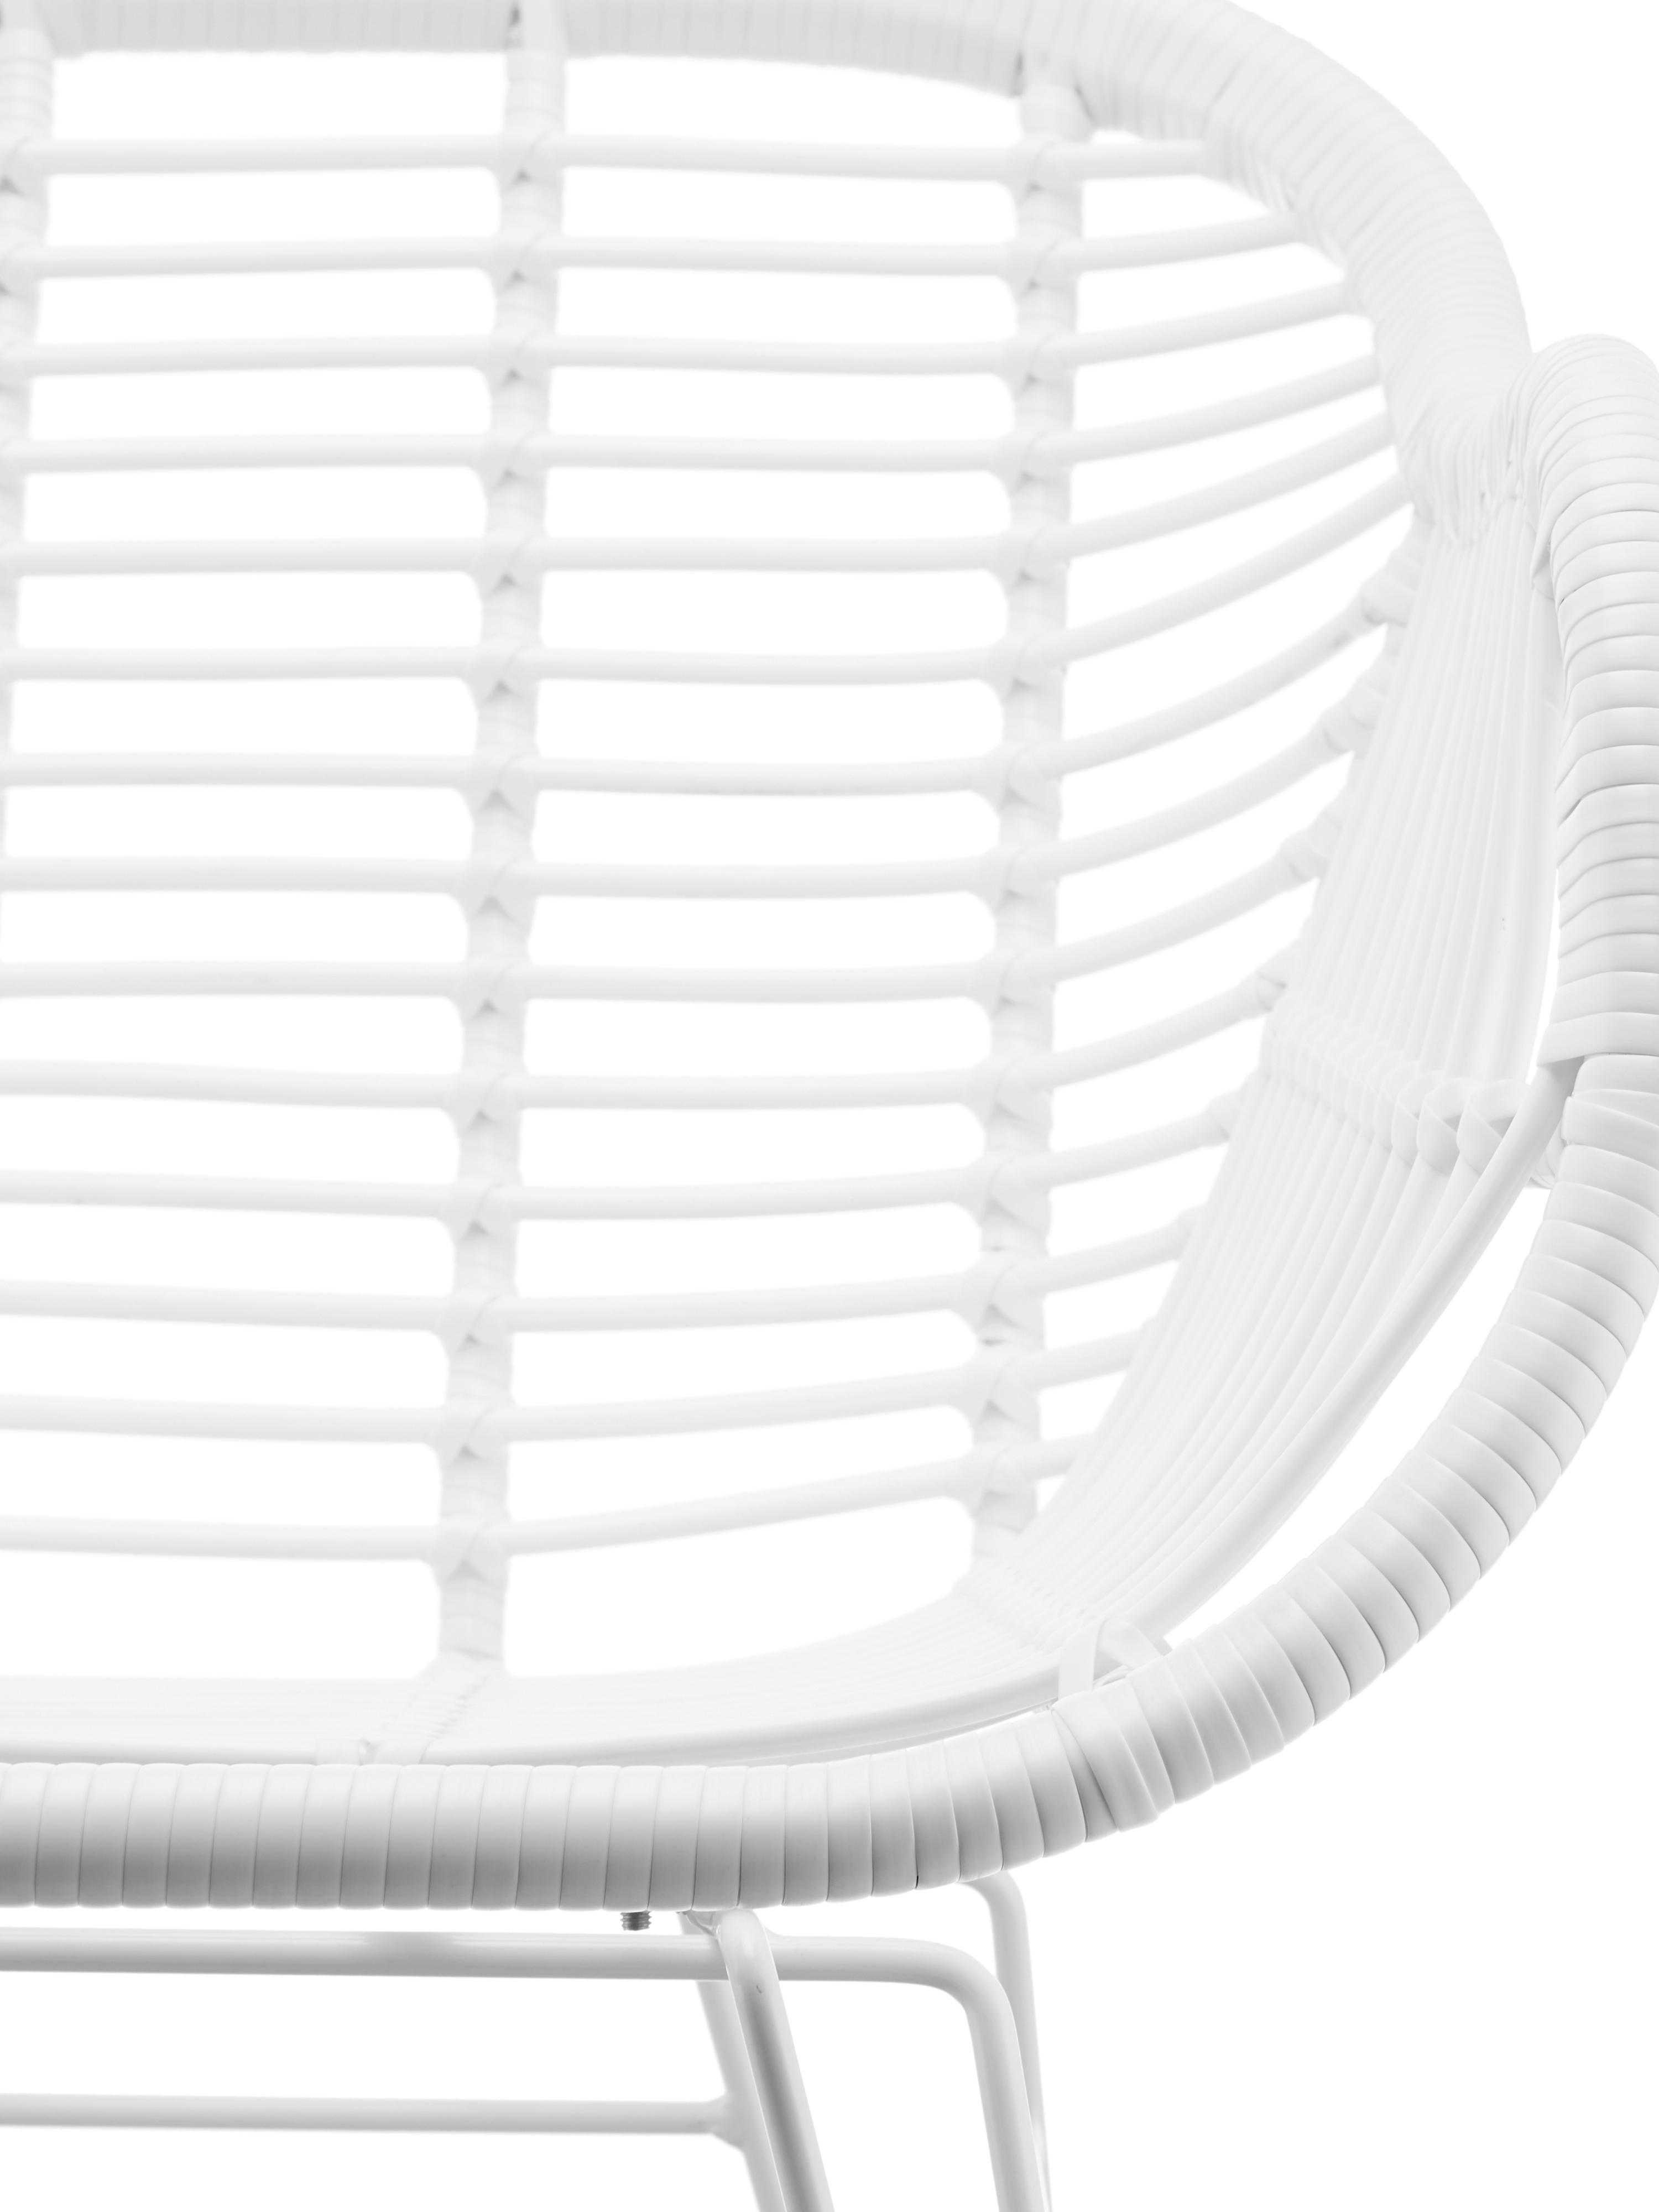 Sillas con reposabrazos Costa, 2uds., Asiento: polietileno, Estructura: metal con pintado en polv, Blanco, An 59 x F 58 cm